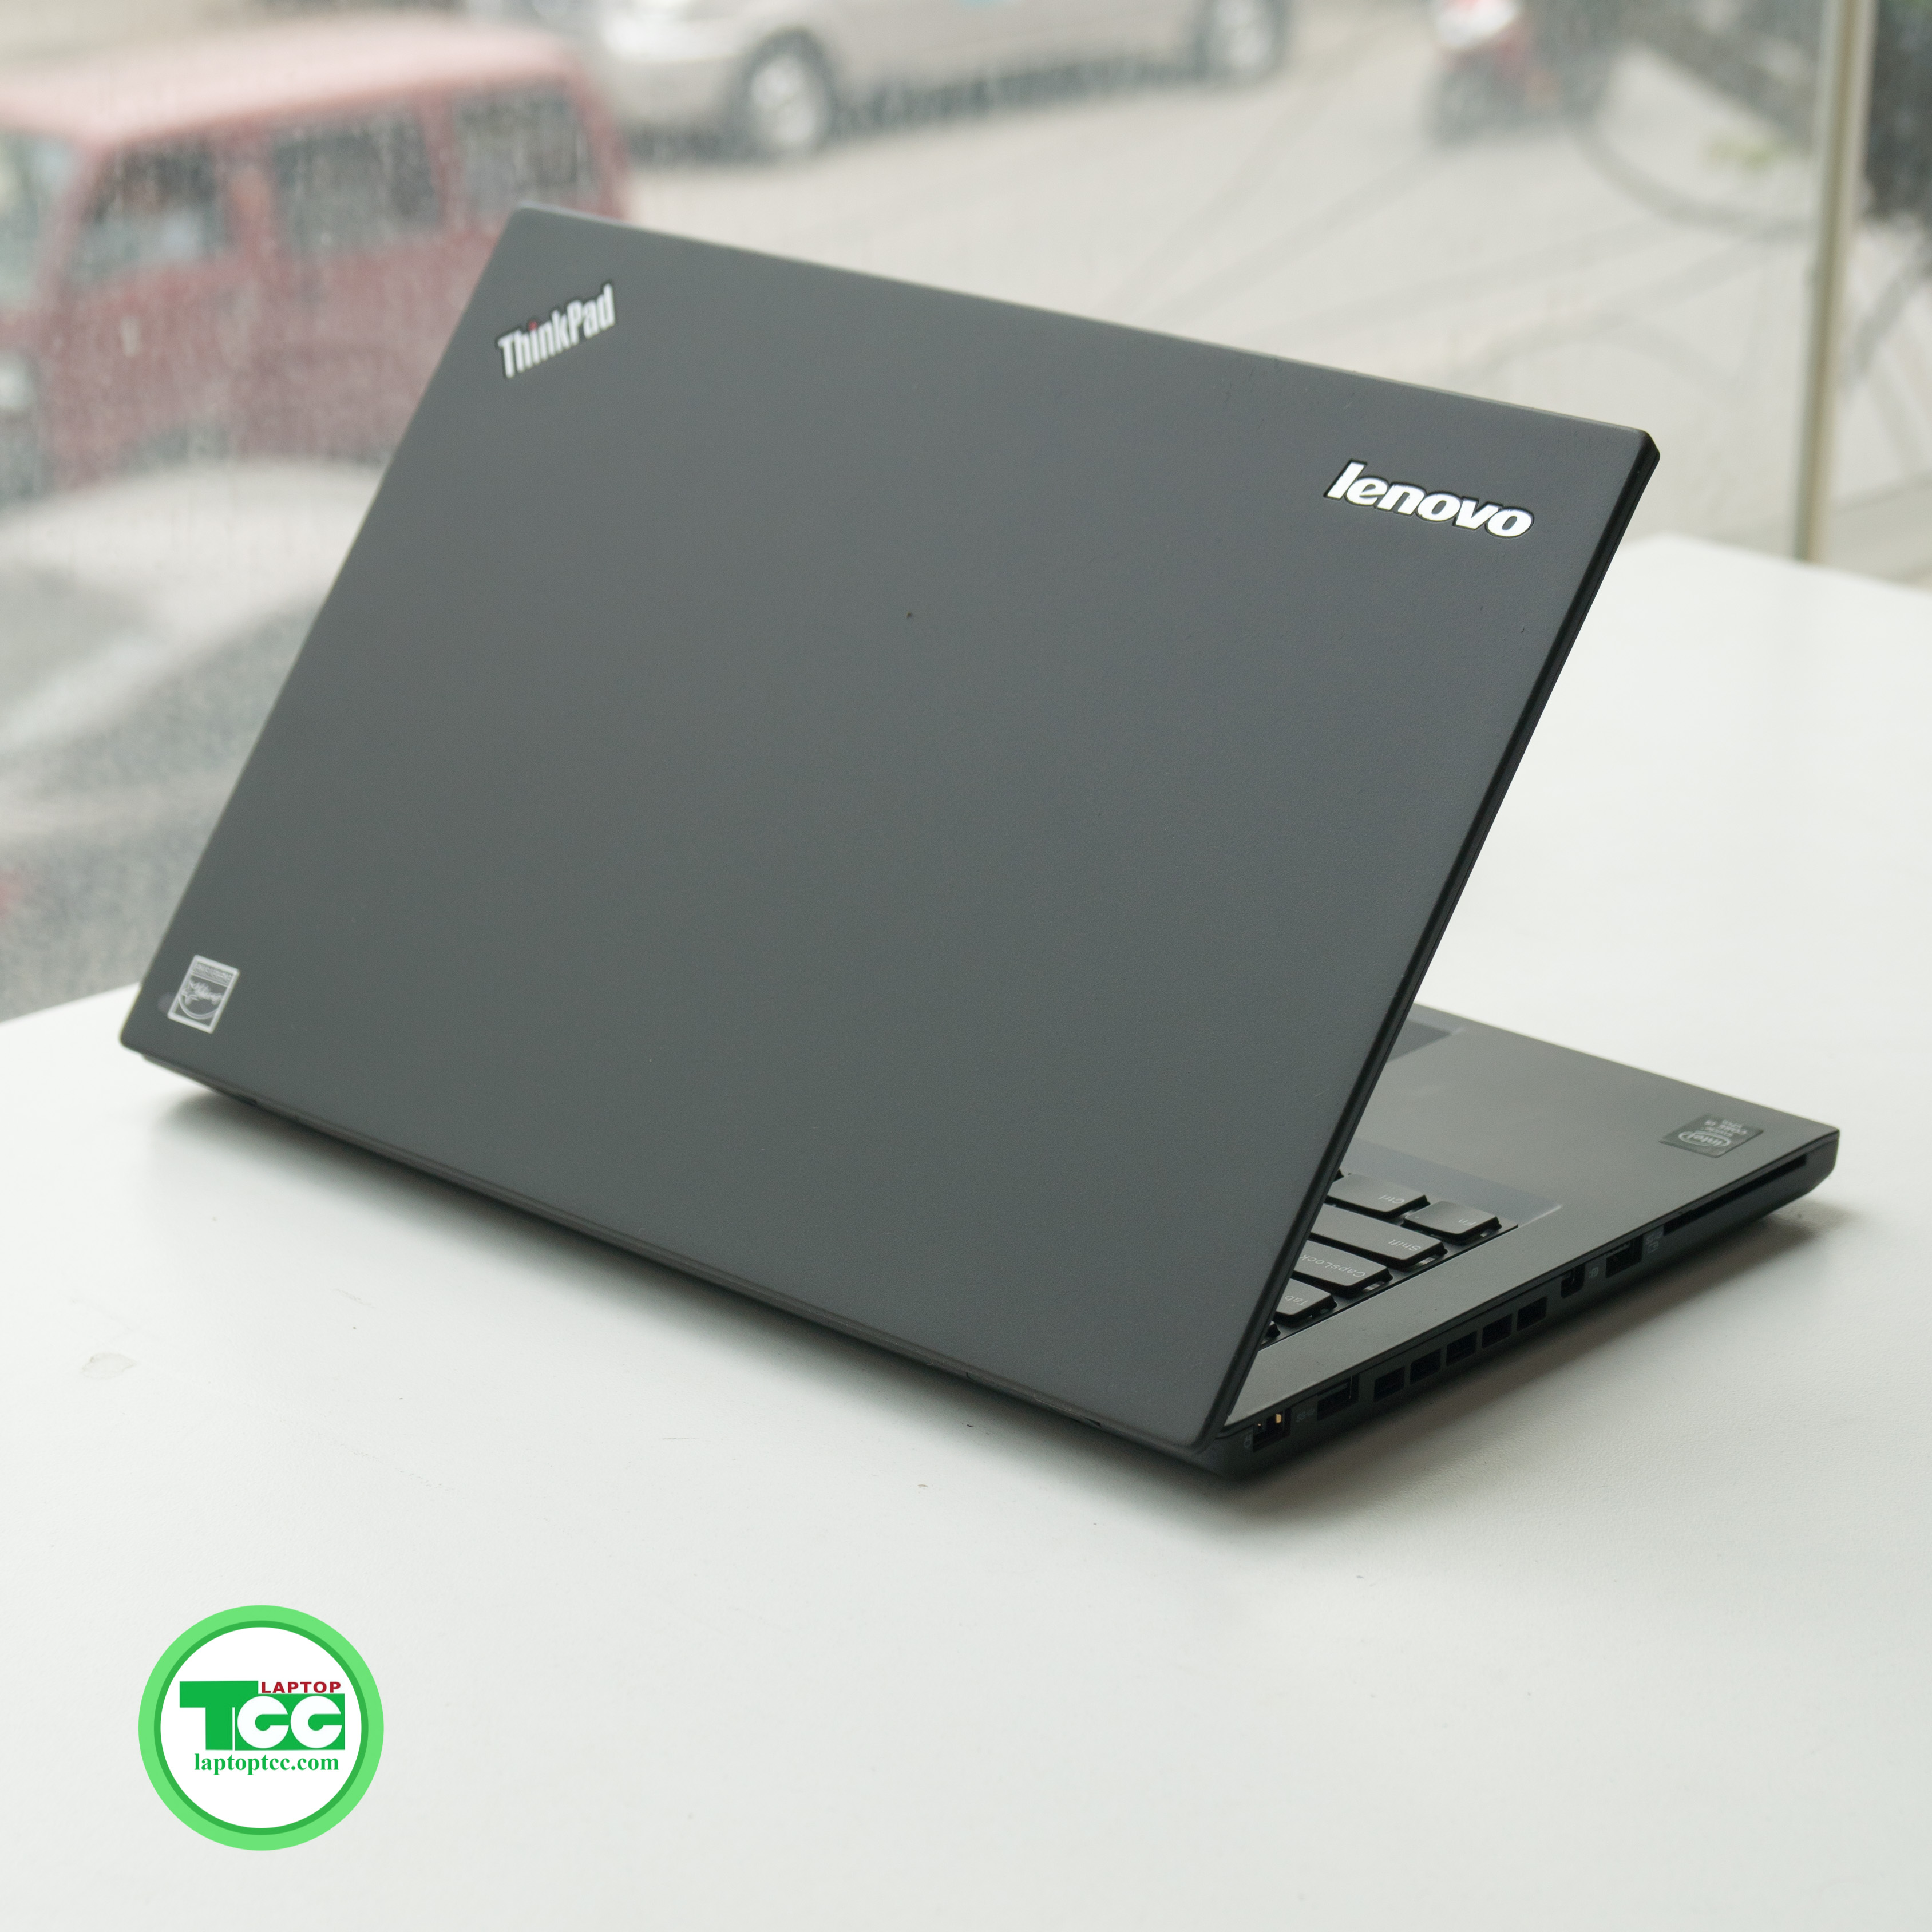 Laptop TCC Lenovo Thinpad T450s (13)